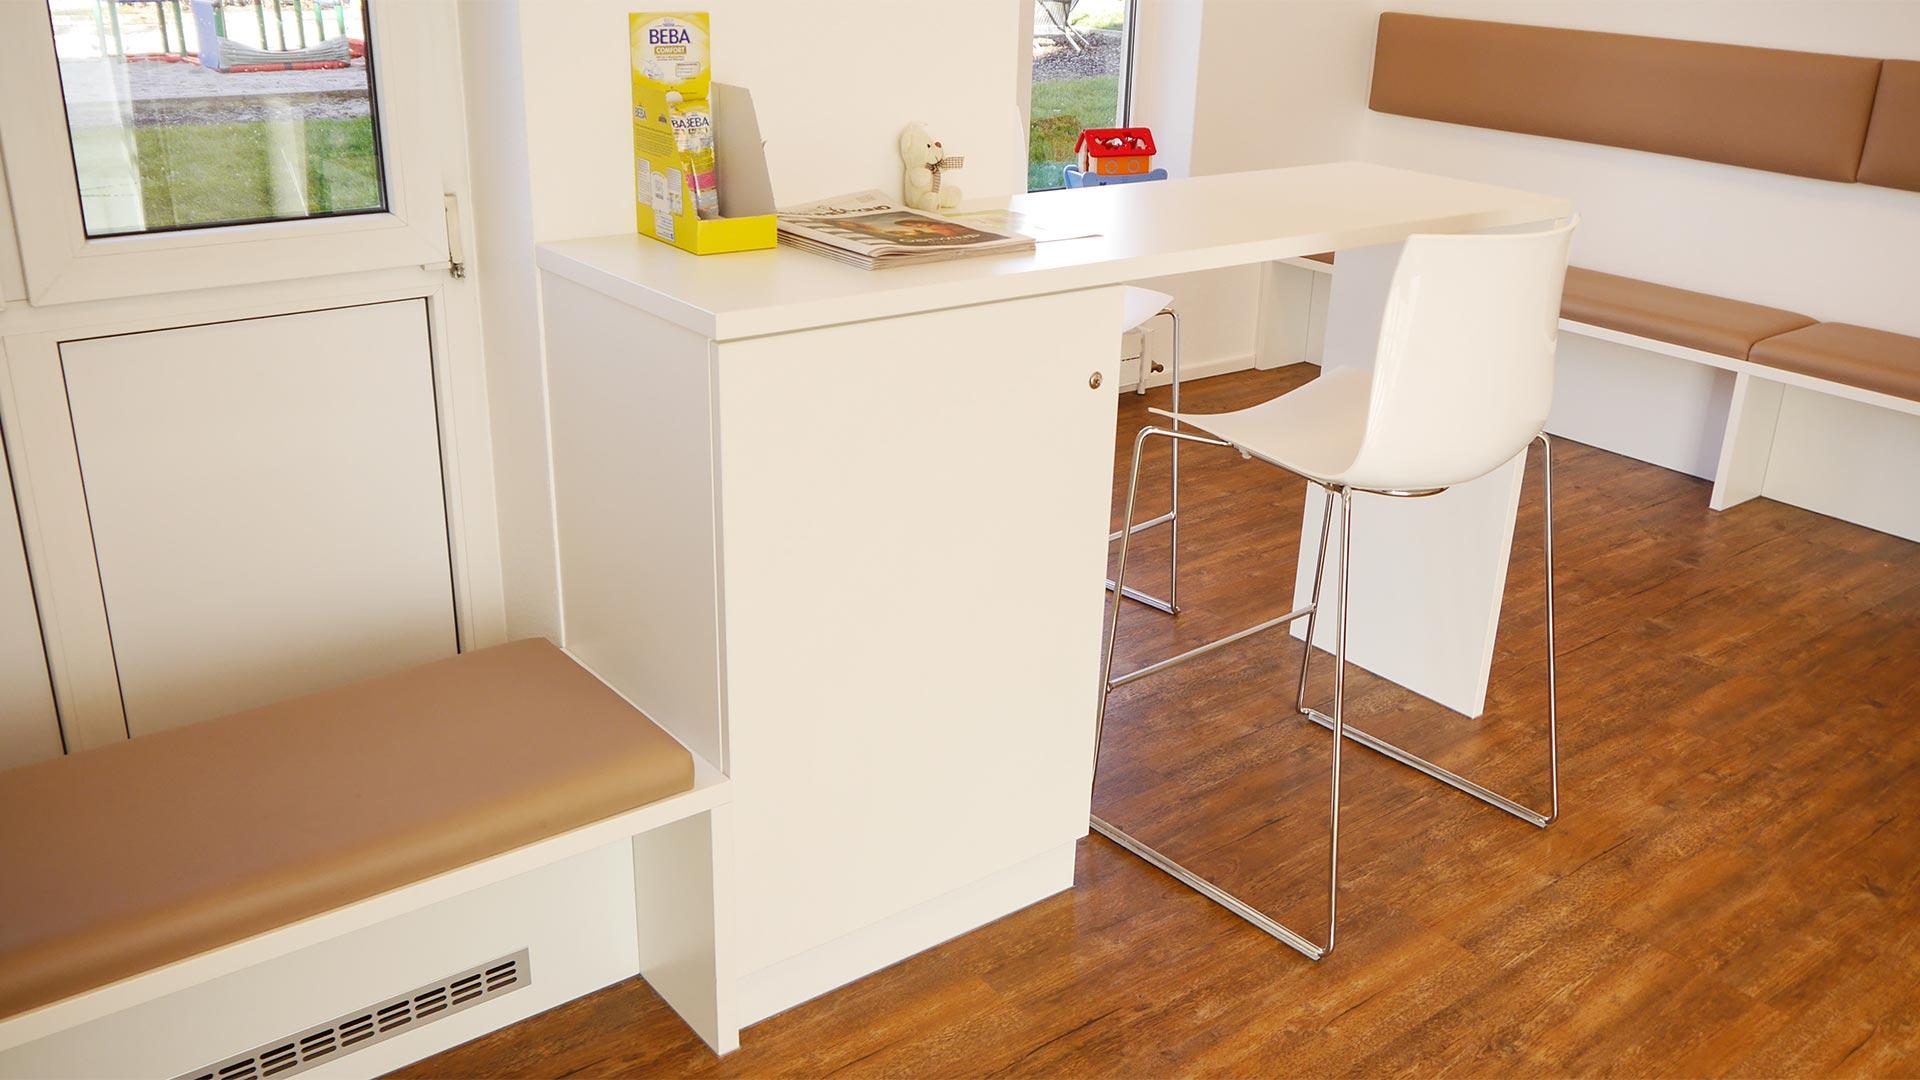 Einige Sitzbänke dienen als Heizkörperverkleidung. Der Stehtisch verfügt über Stauraum in Form eines Unterschranks.